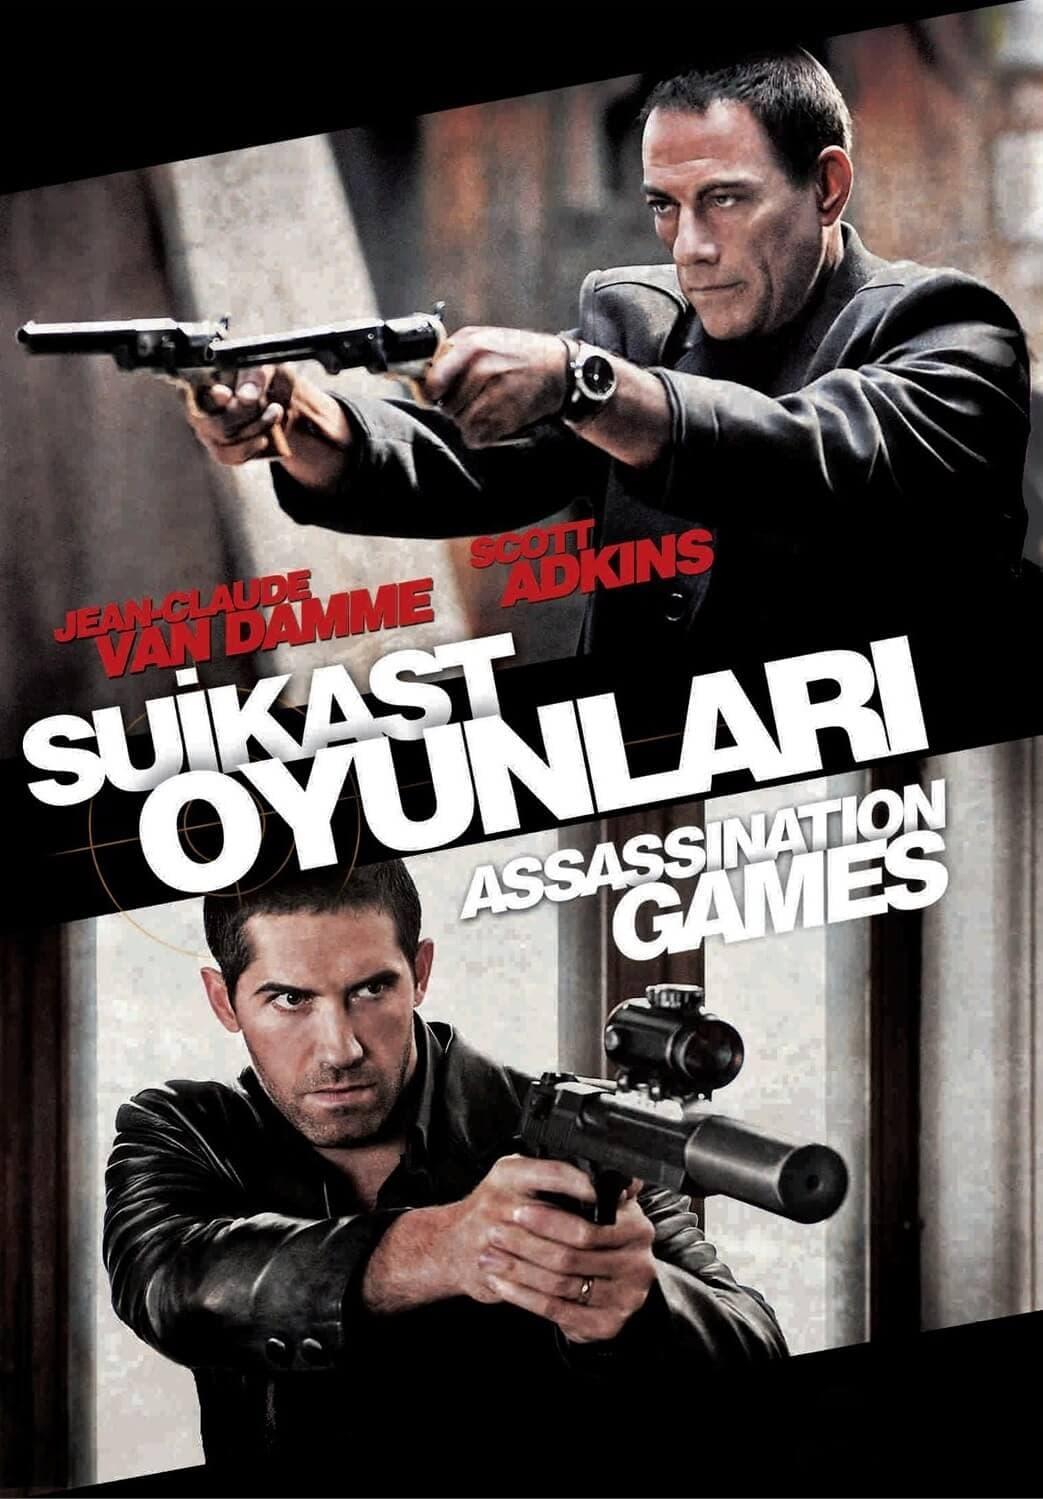 Suikast Oyunları Full Film HD izle